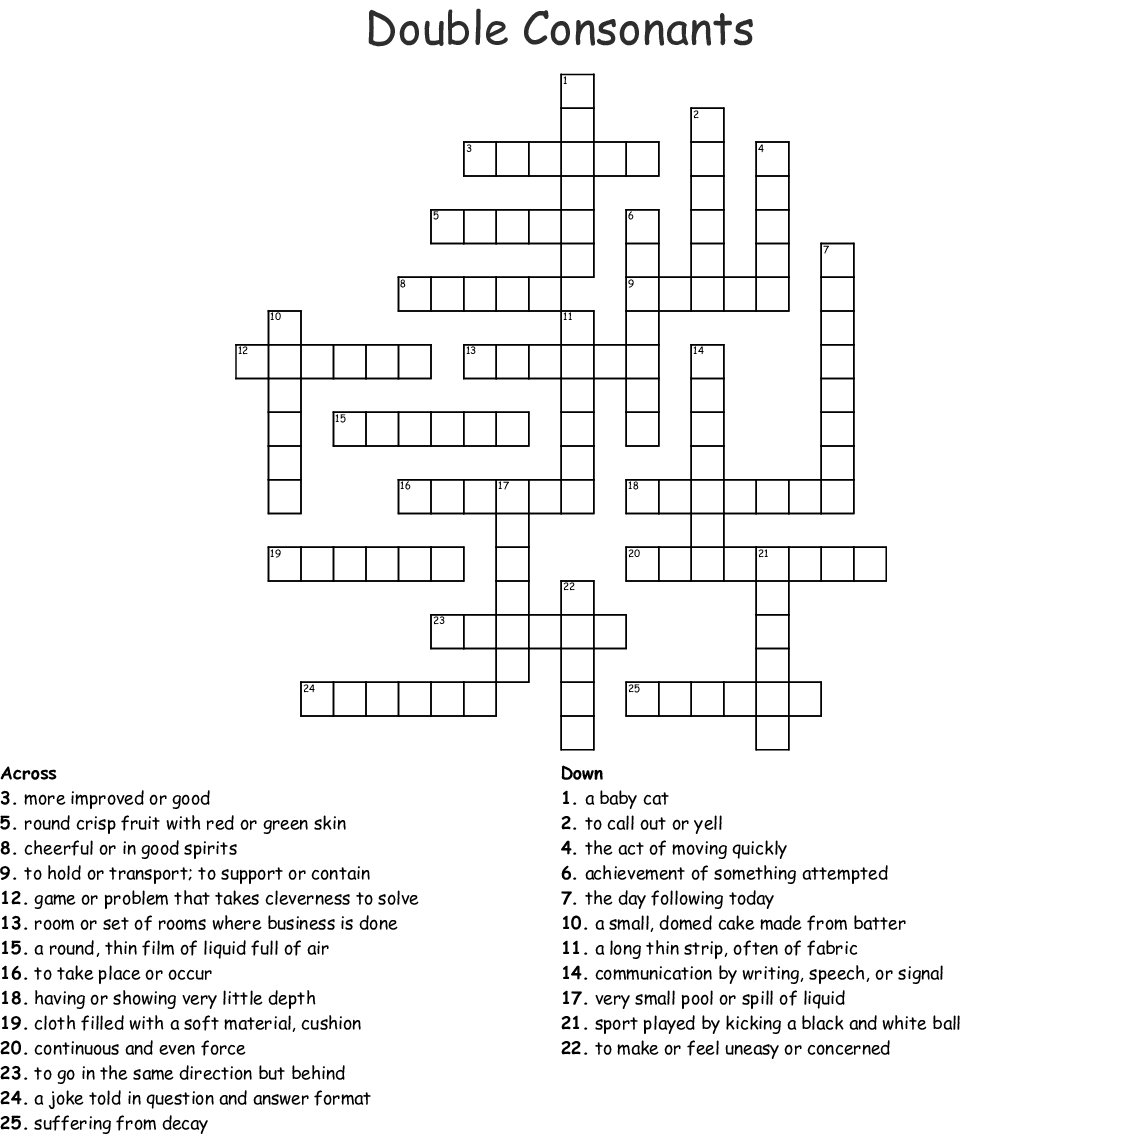 Double Consonants